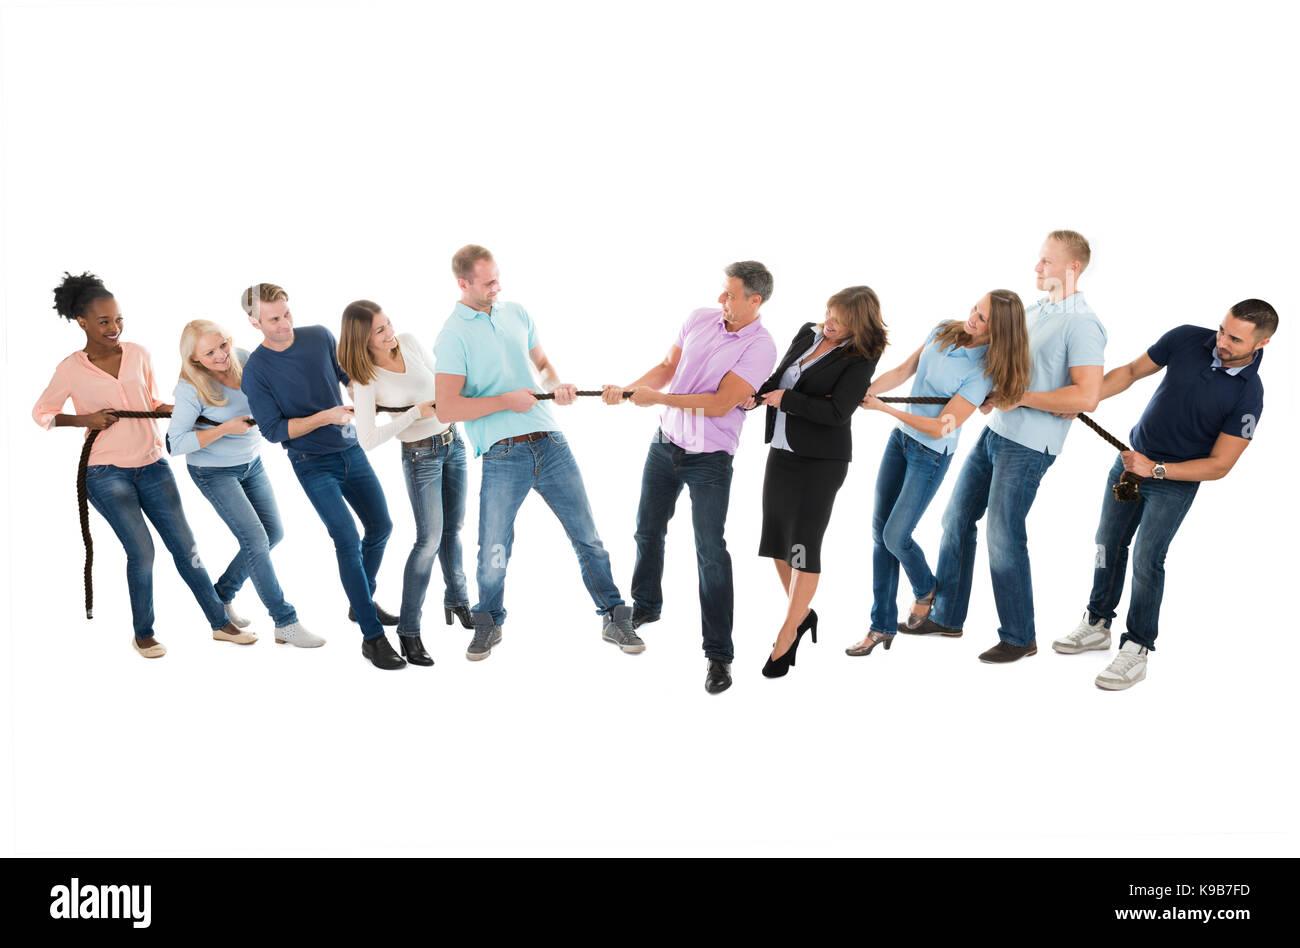 Volle Länge des multiethnischen Creative Business Teams spielen Tauziehen gegen den weißen Hintergrund Stockbild